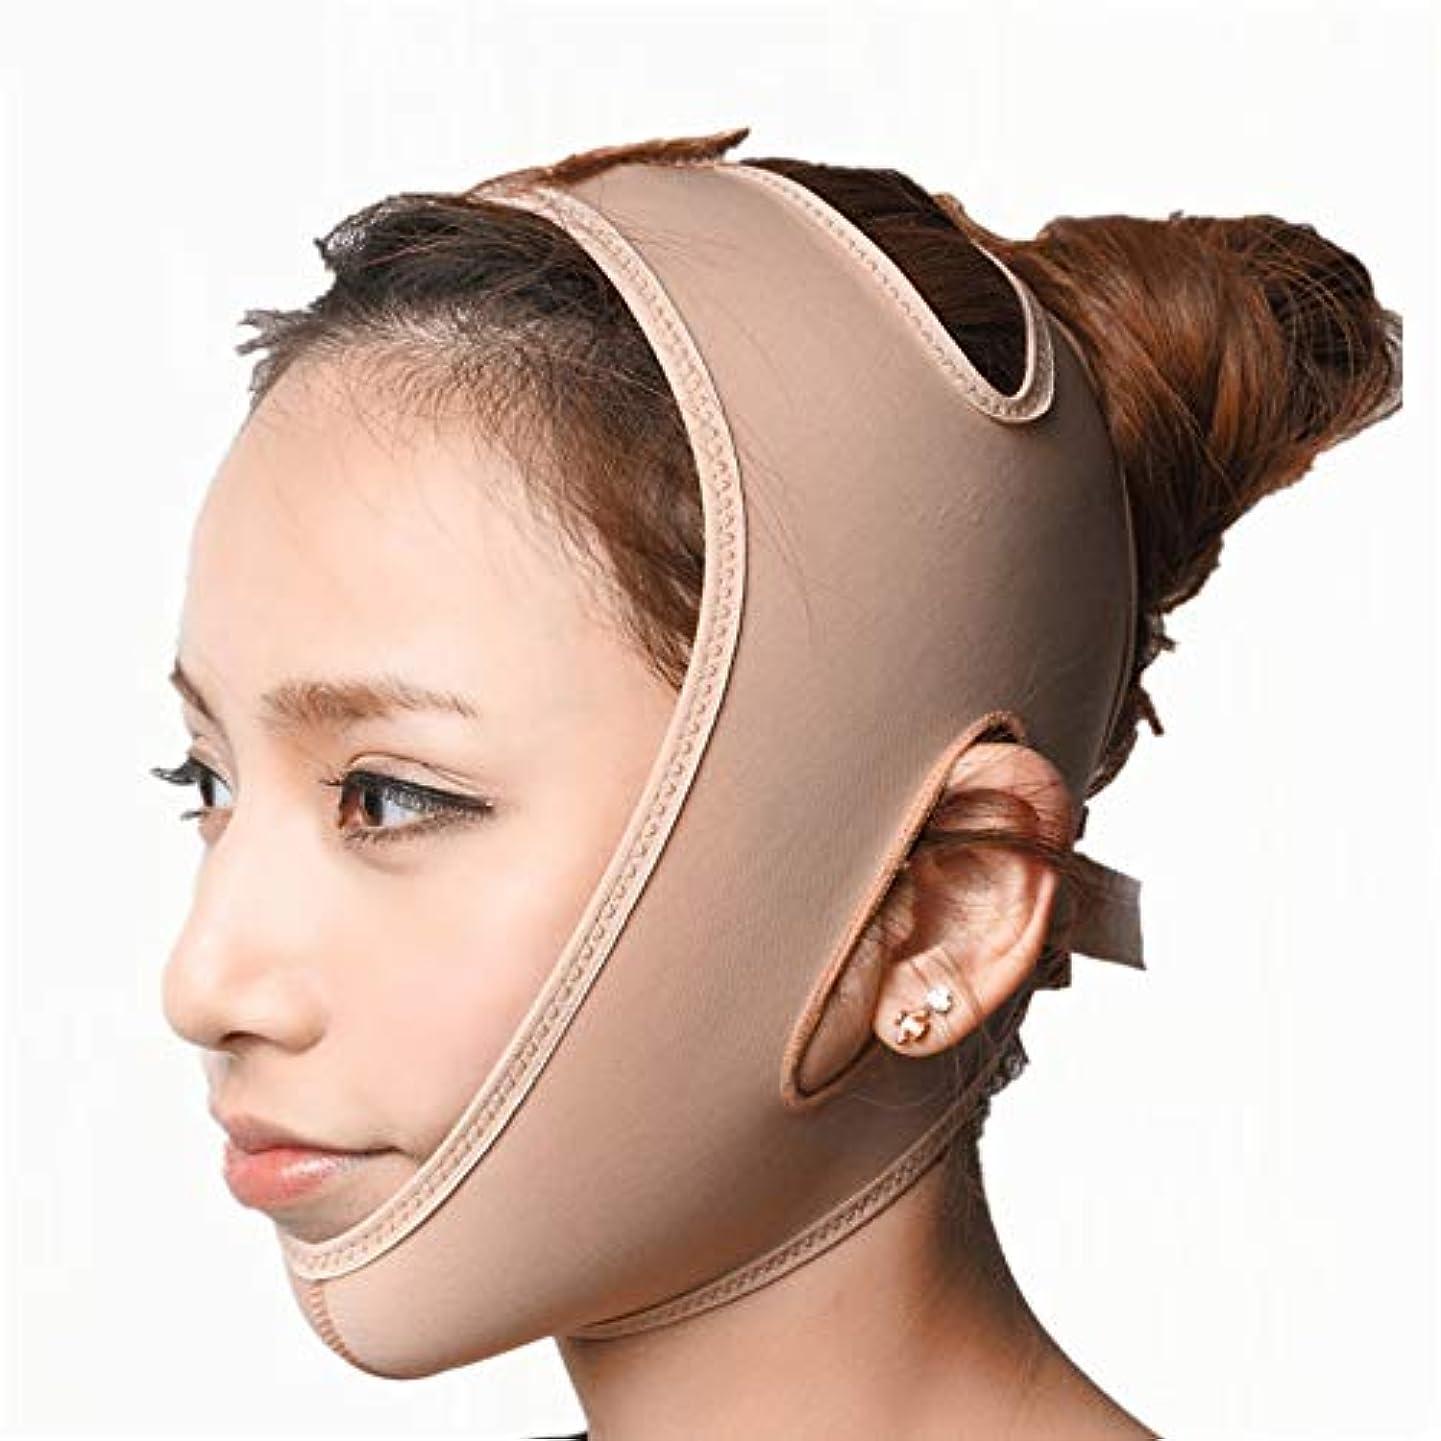 予定ドラマ道路を作るプロセス飛強強 顔の持ち上がる痩身ベルト - アンチエイジングリンクルフェイスマスクベルトシンフェイス包帯整形マスクは顔と首を締めますフェイススリム スリムフィット美容ツール (Size : L)